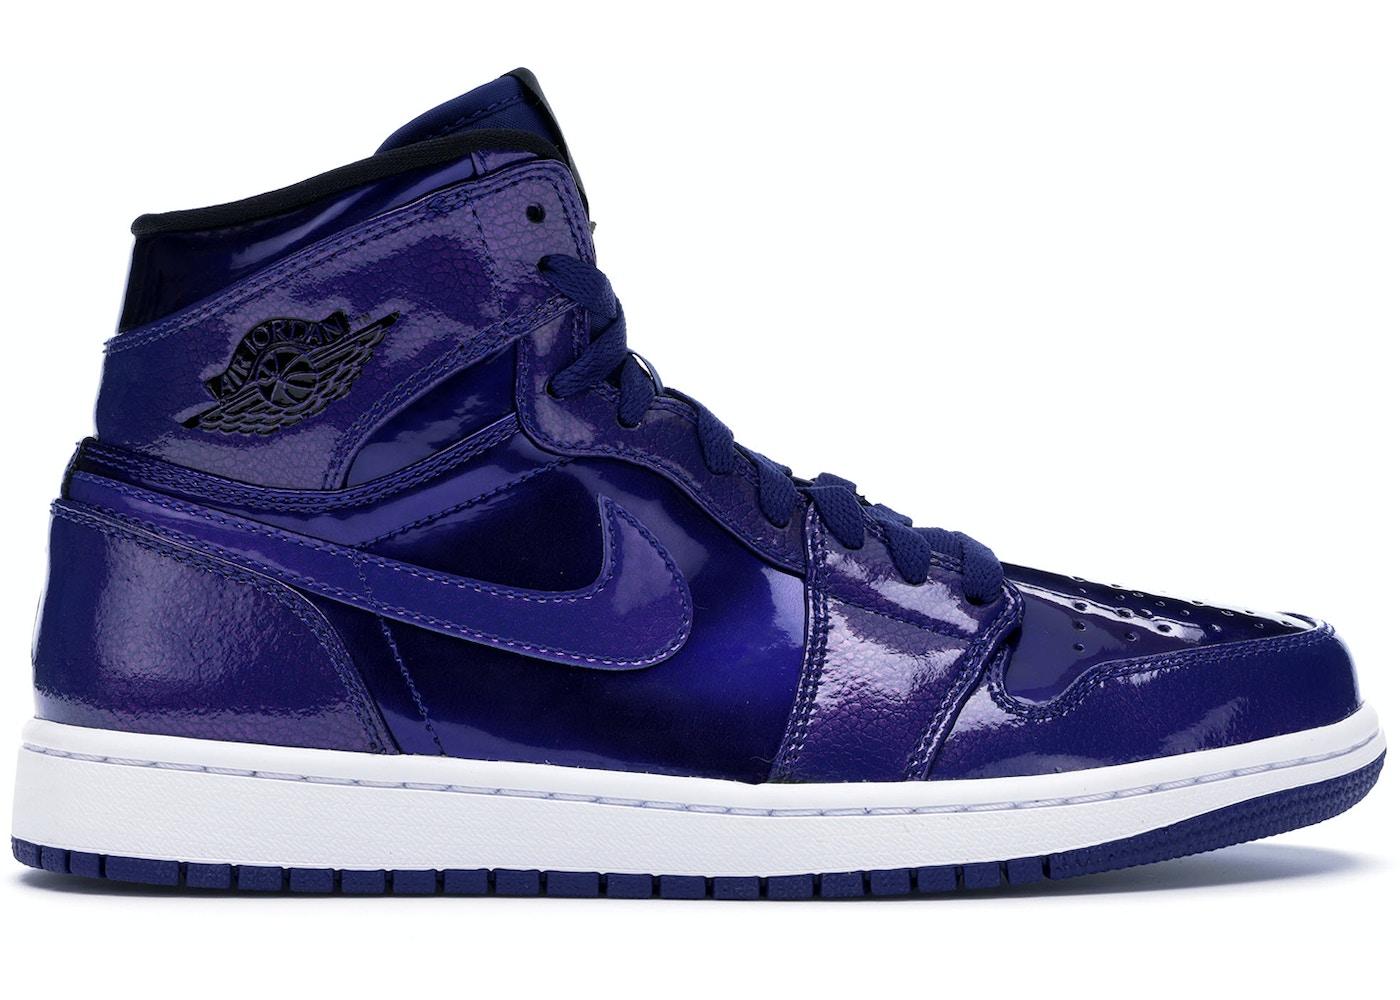 klasyczne buty spotykać się nowy styl Jordan 1 Retro Deep Royal